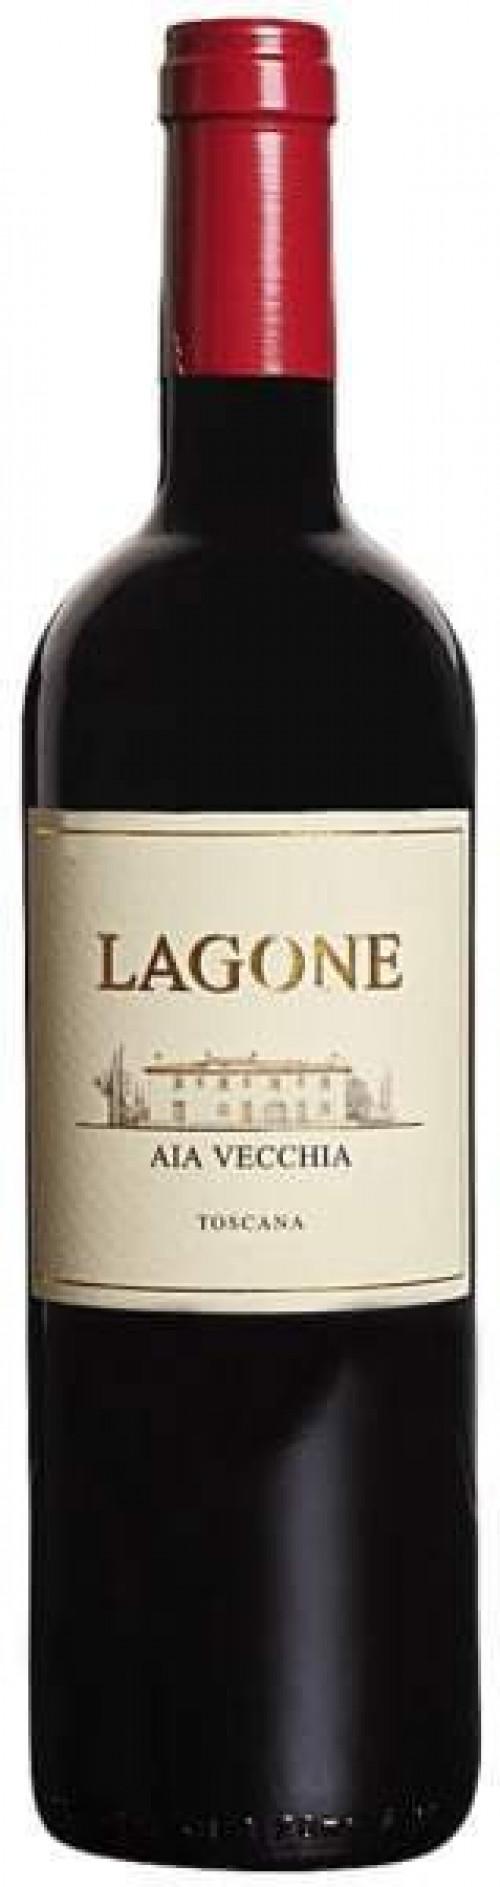 Aia Vecchia Lagone Toscana 750ml